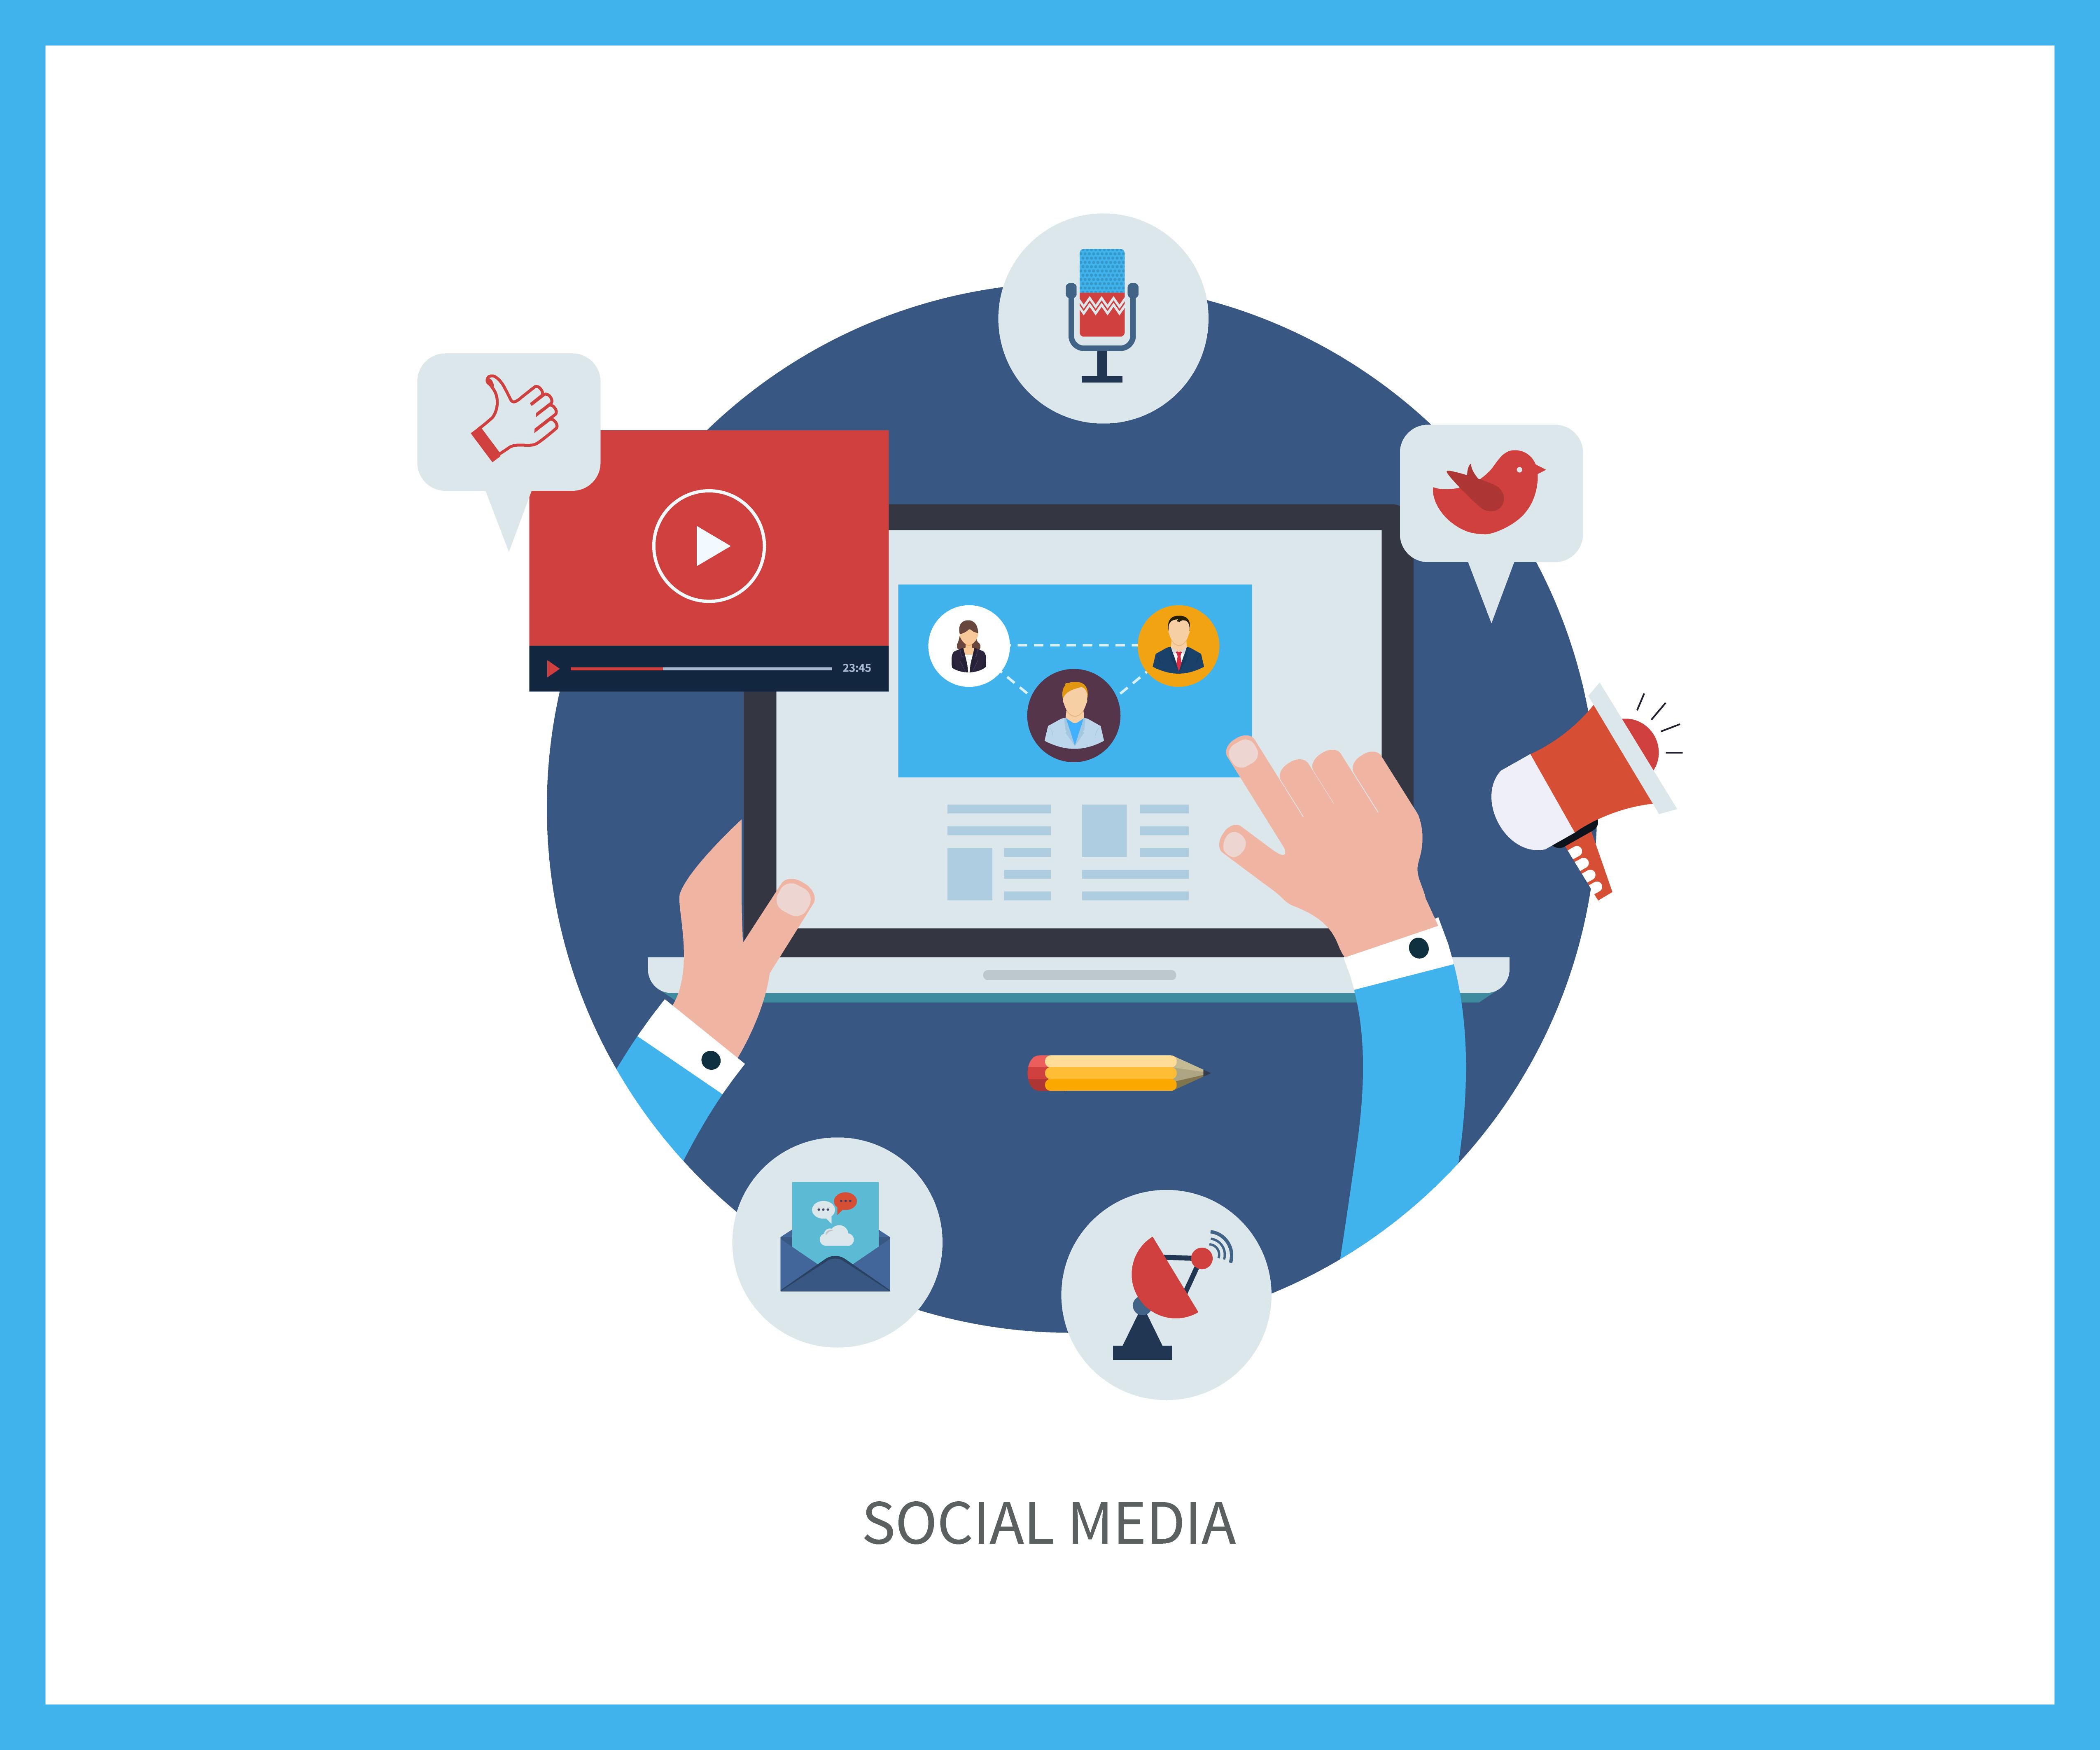 Les médias sociaux dans le processus inbound marketing_